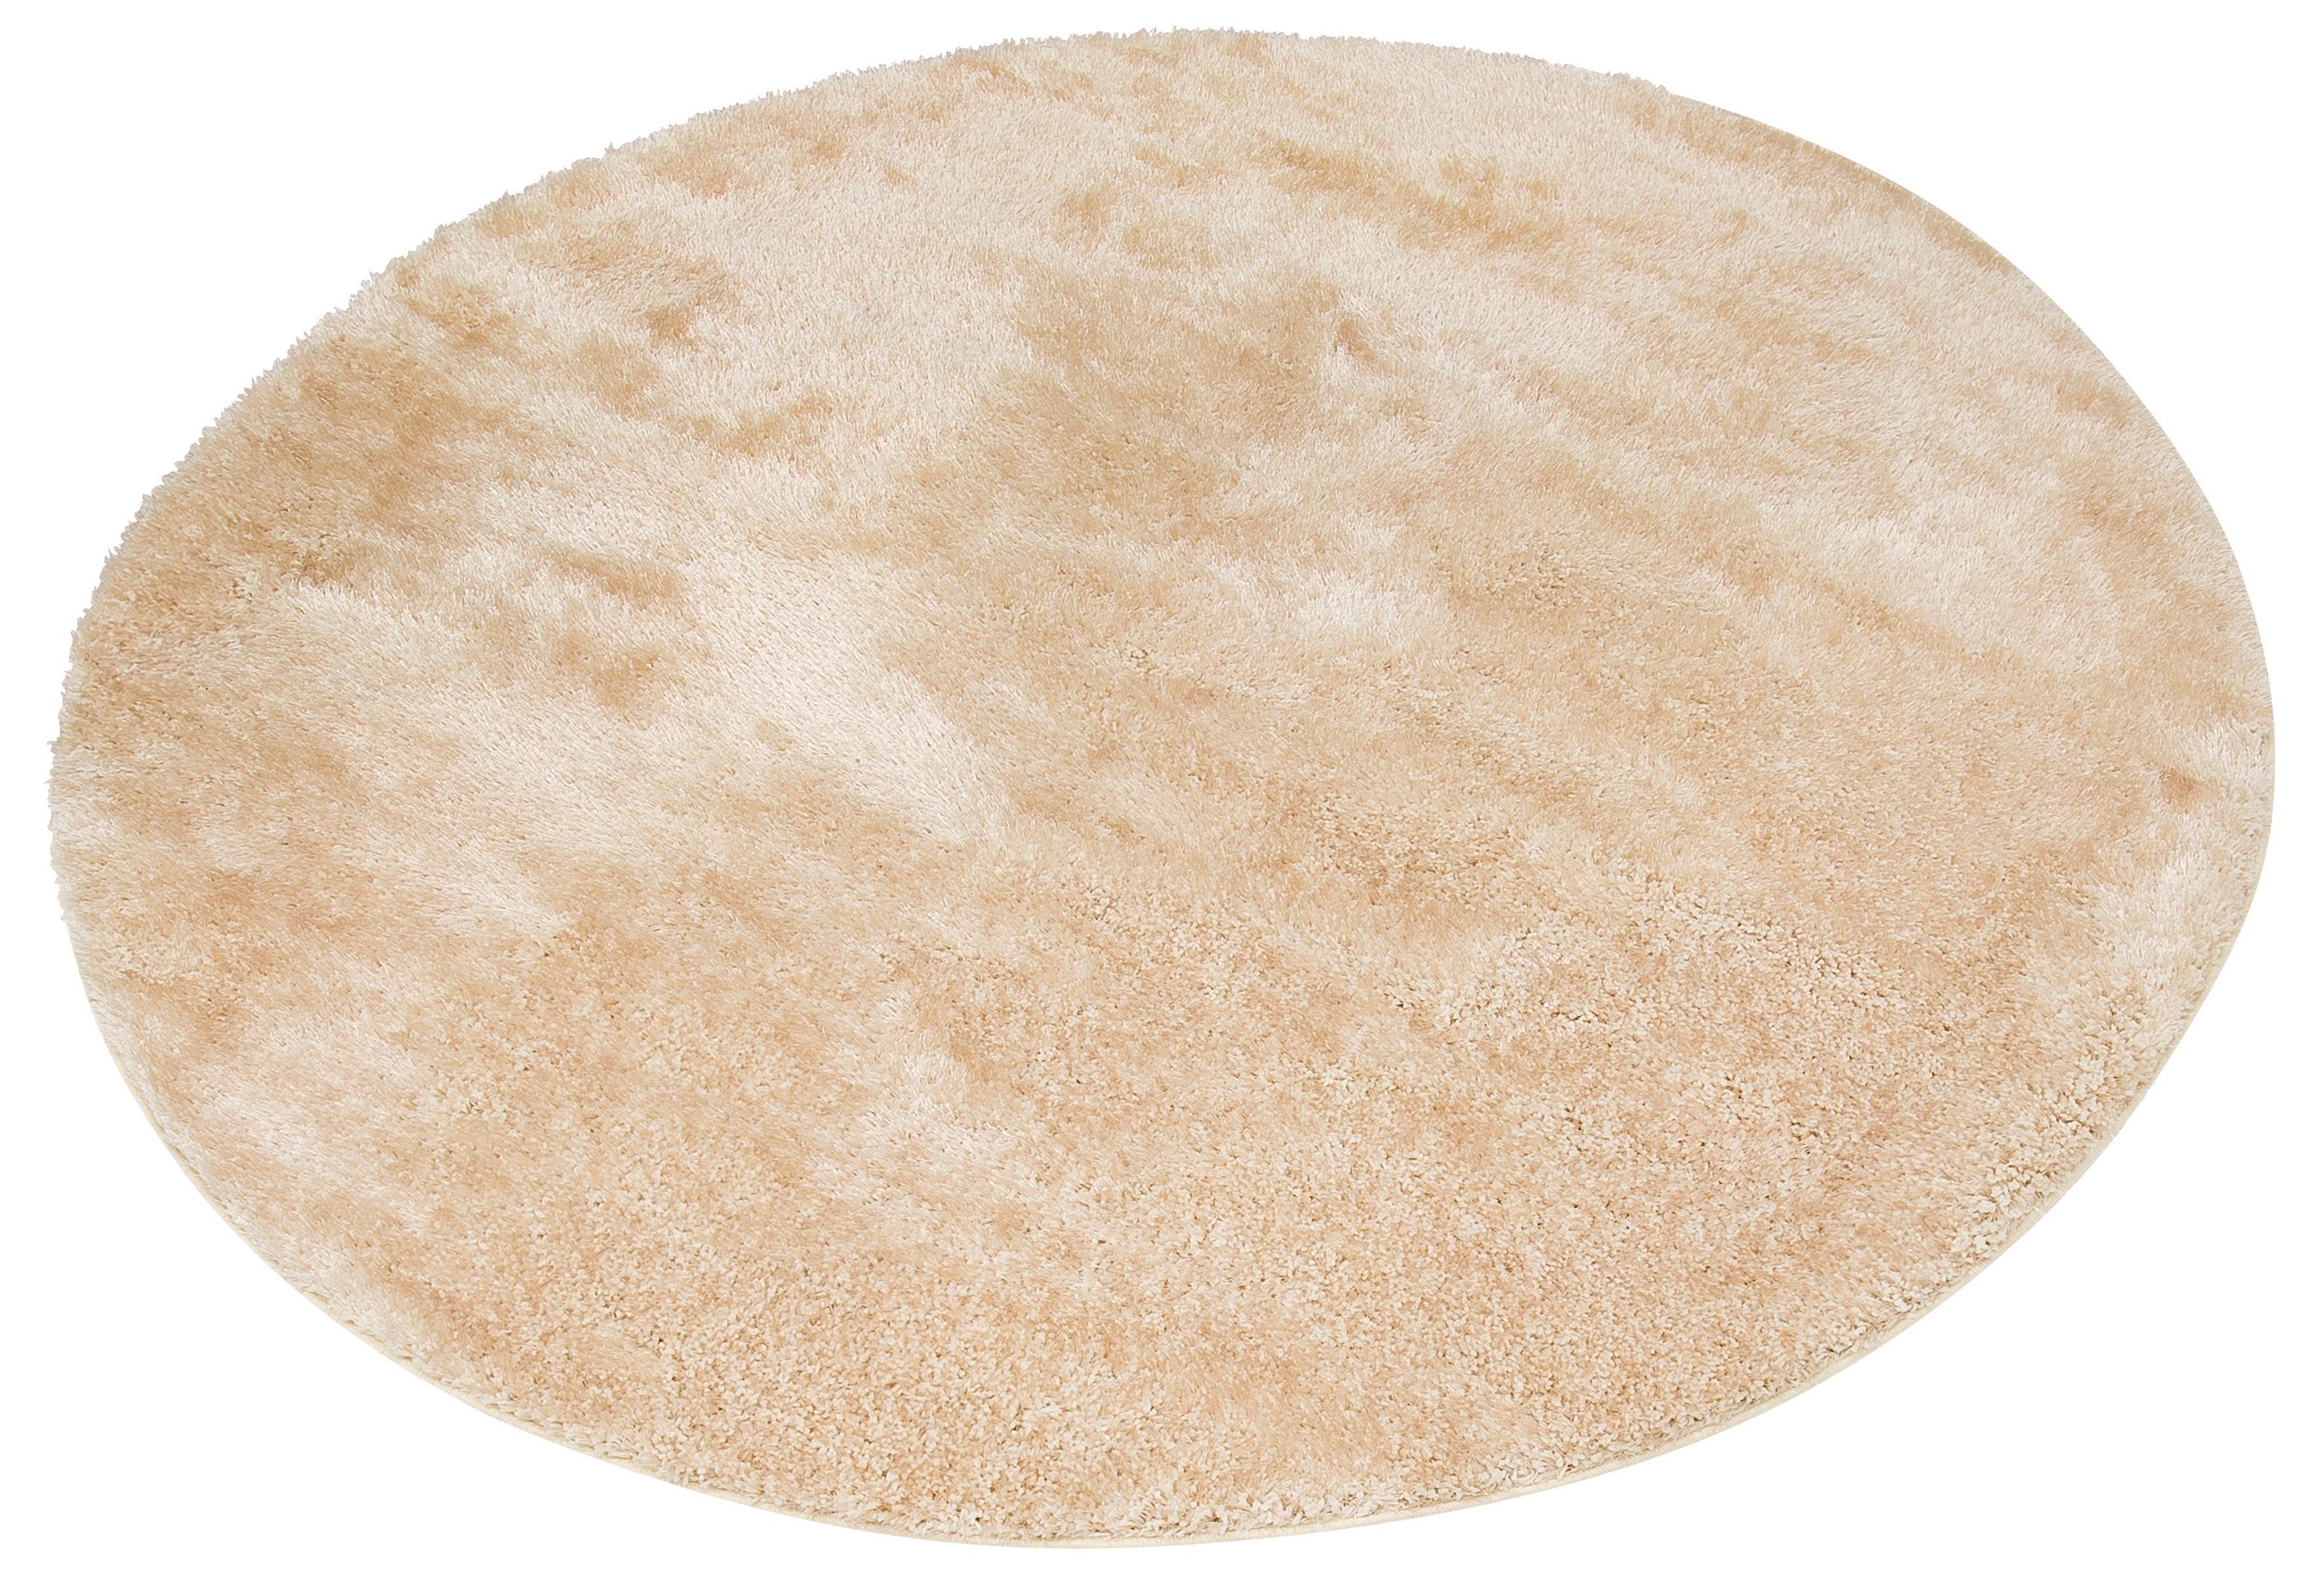 My Home Hoogpolig vloerkleed, »Mikro Soft Ideal«, rond, hoogte 30 mm, machinaal geweven - verschillende betaalmethodes